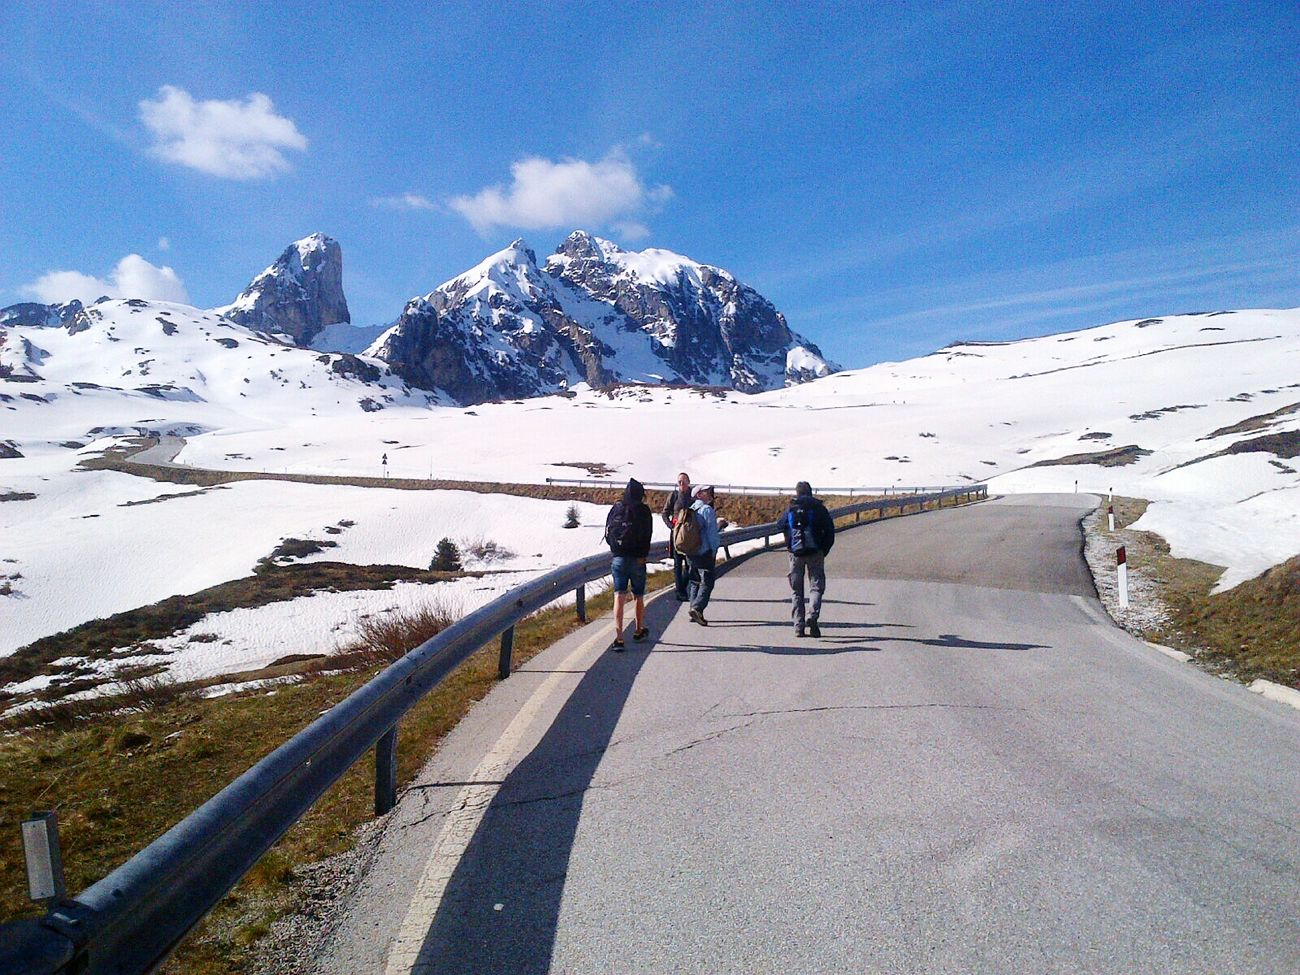 Found On The Roll Giro D'Italia 2016 Passo Giau Dolomites, Italy